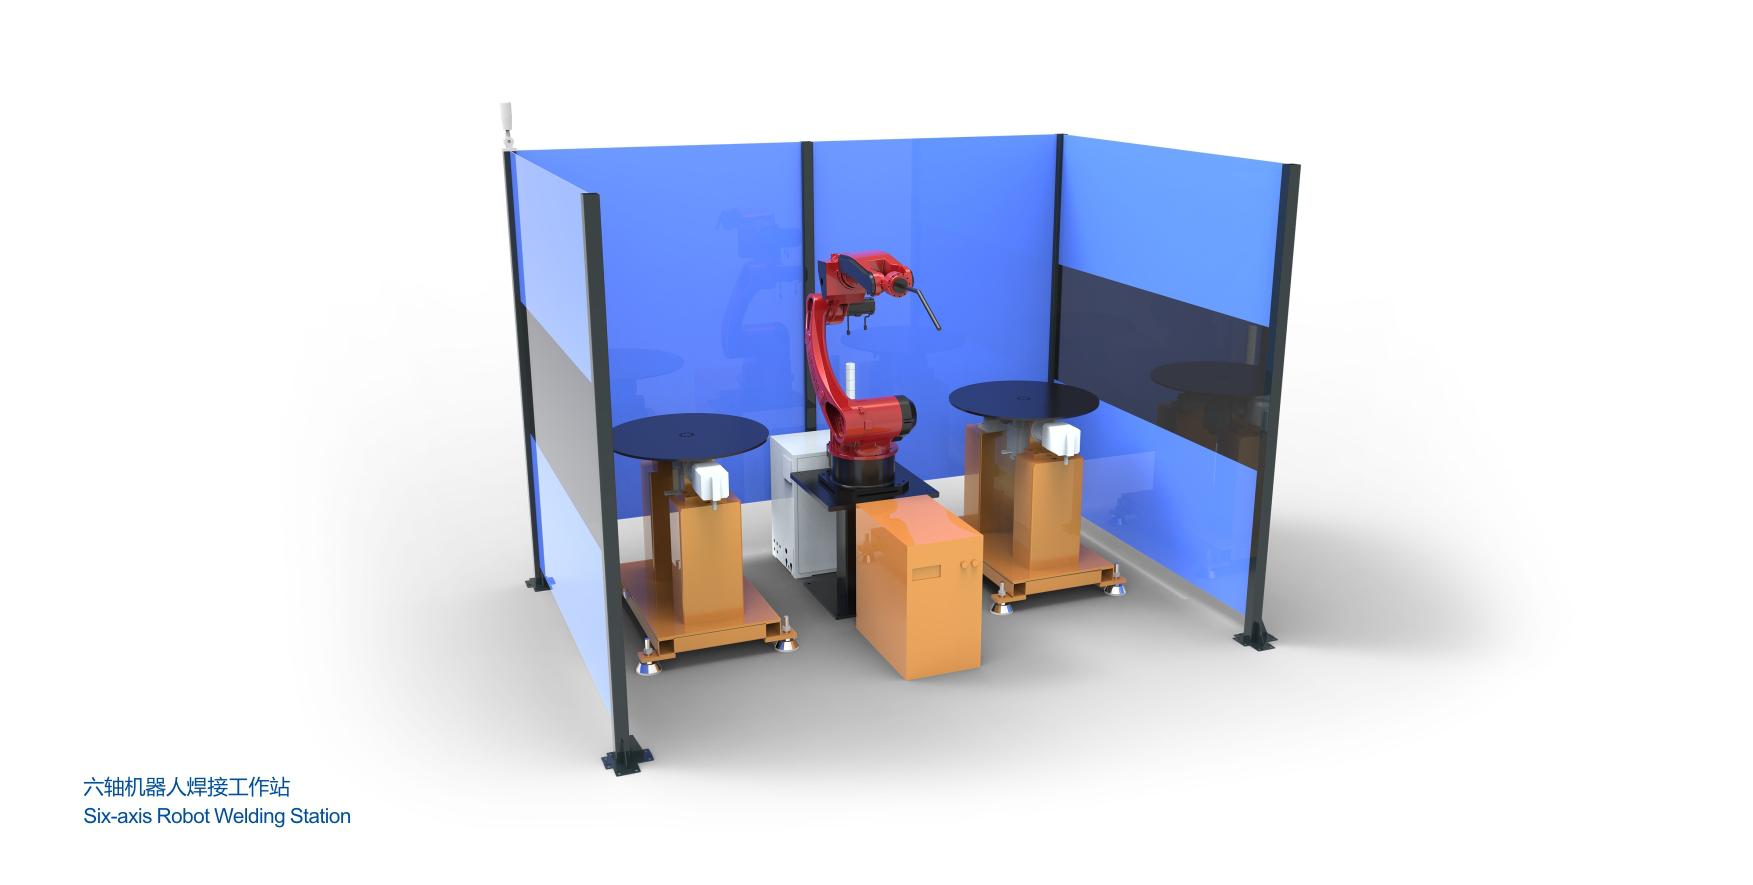 六轴机器人焊接工作站